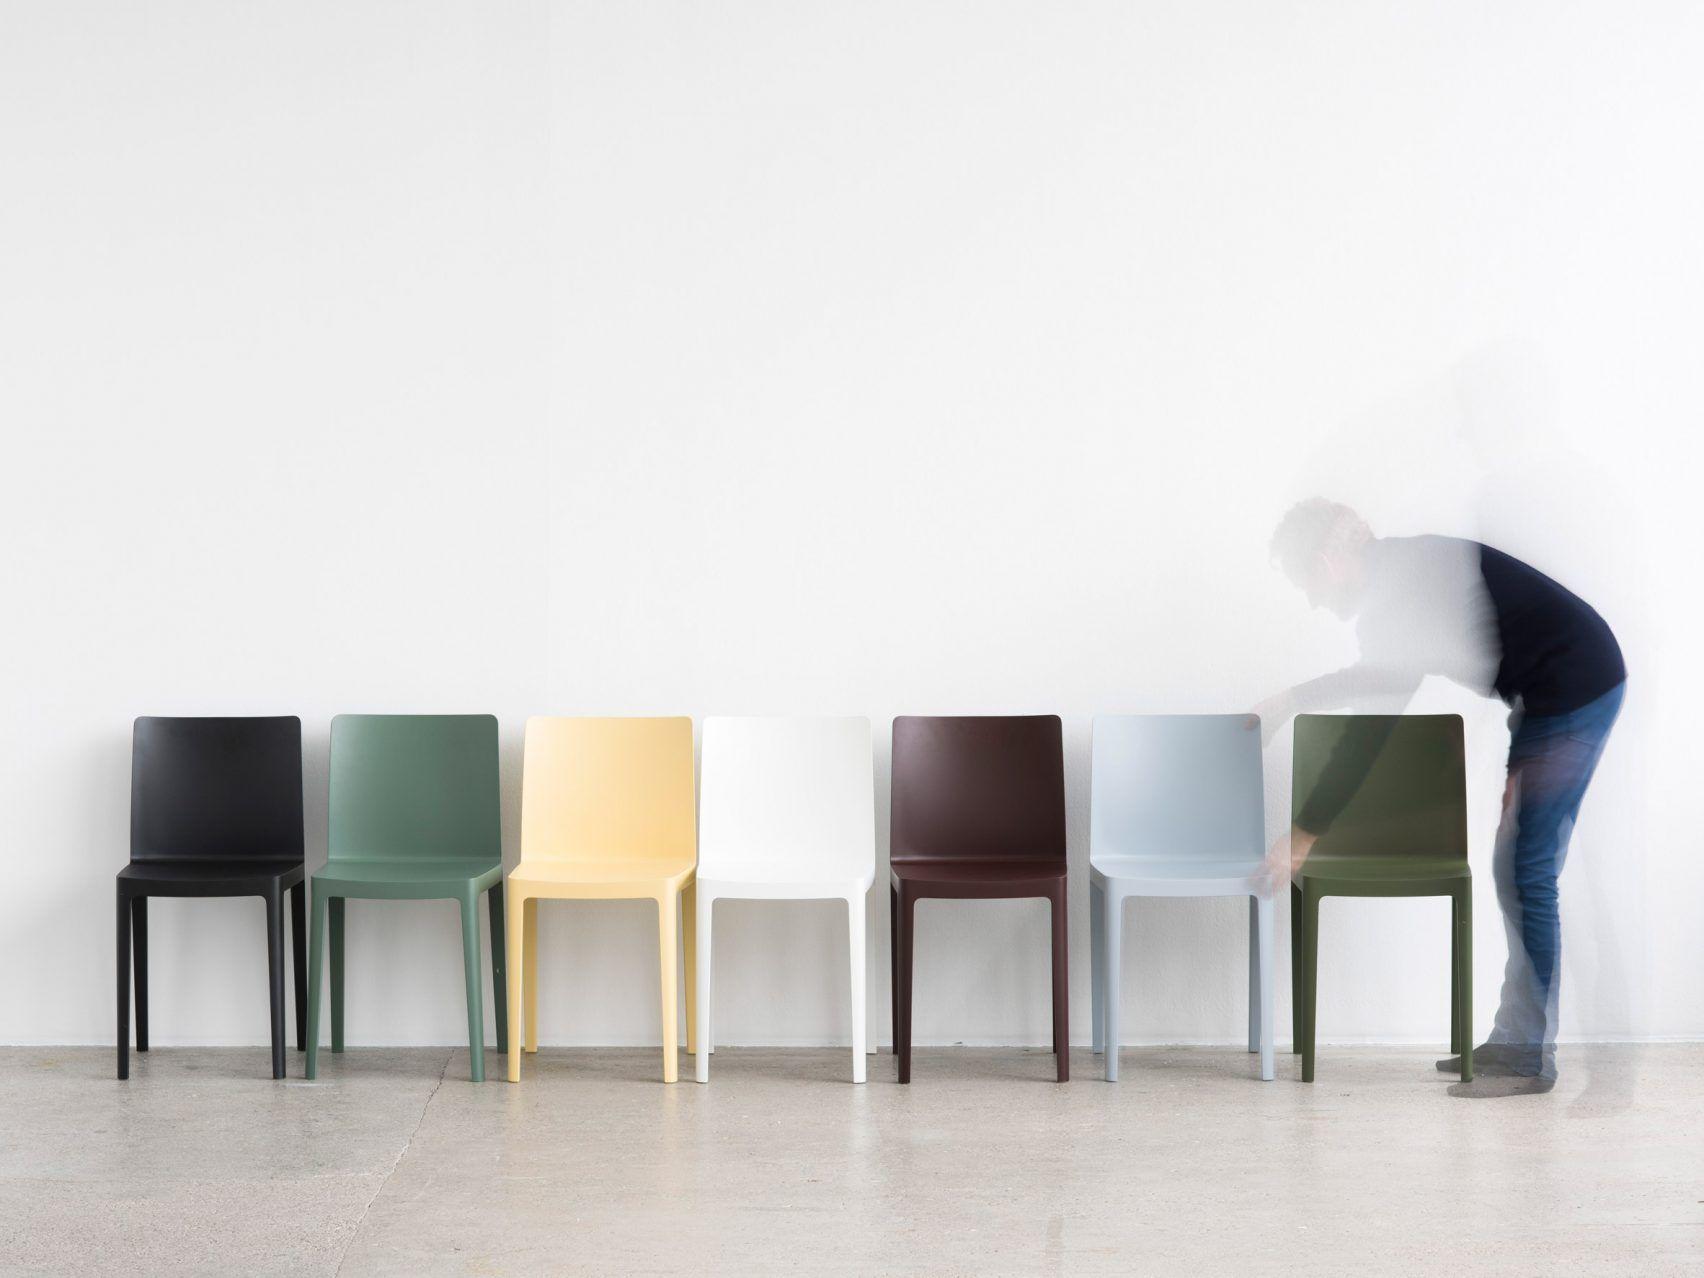 Une Collab Simple Mais Elegante C Est Le Duo Des Freres Bouroullec Qui Cree Une Serie De Chaises Minimalistes Pou Bouroullec Design Design Milan Design Week